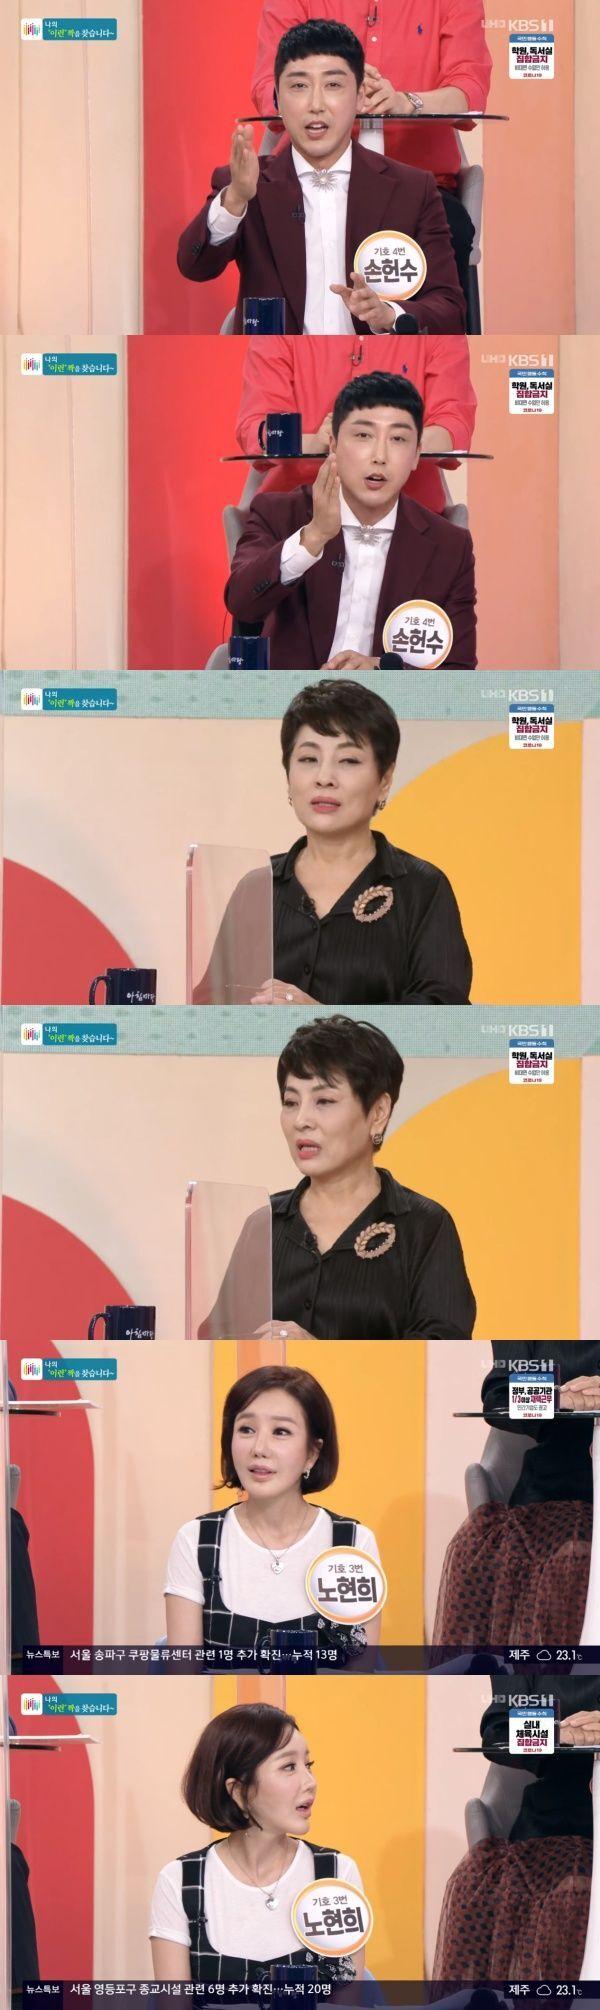 손헌수 유인경 노현희